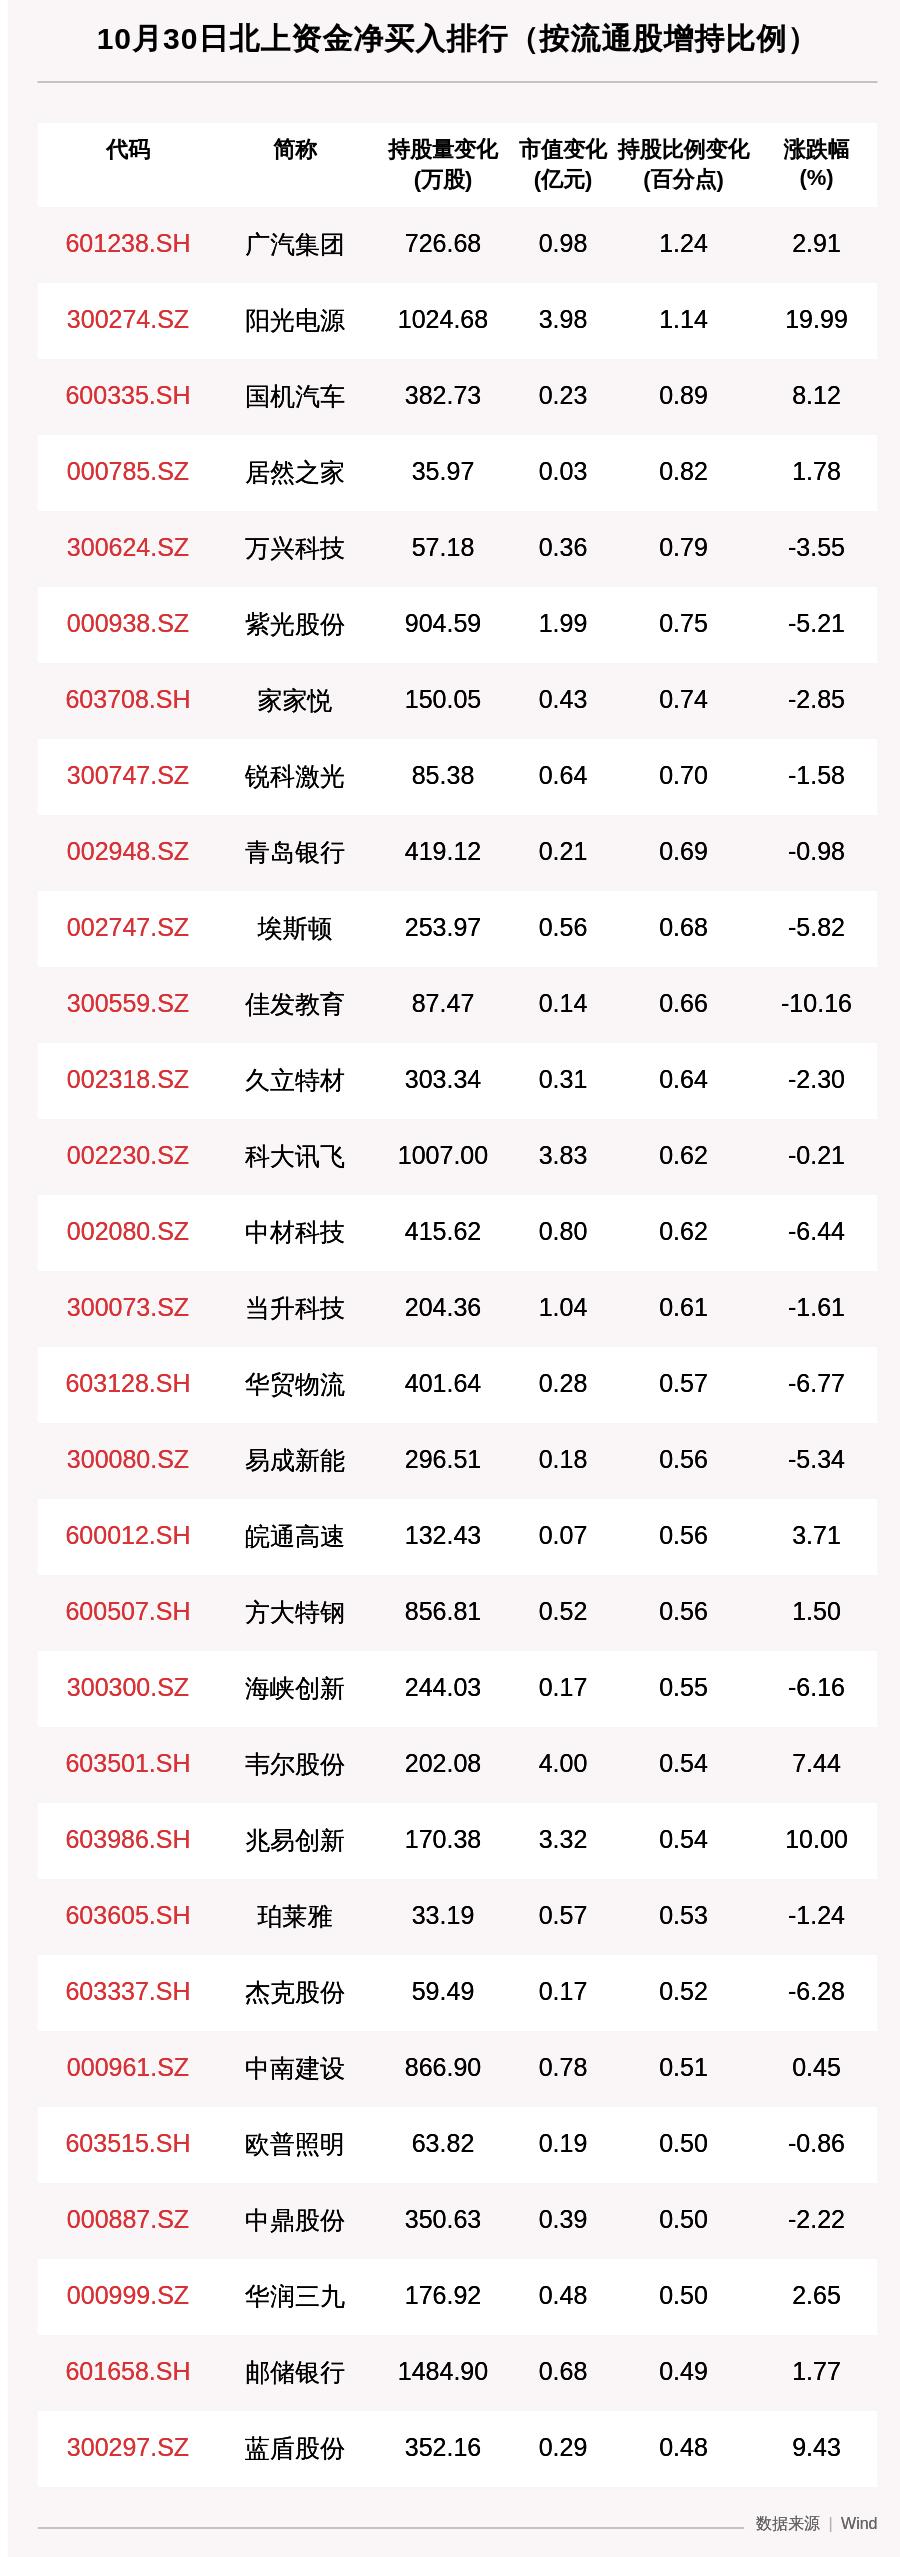 北向资金动向曝光:10月30日这30只个股被猛烈扫货,格力电器、科大讯飞、兆易创新上榜(附名单)